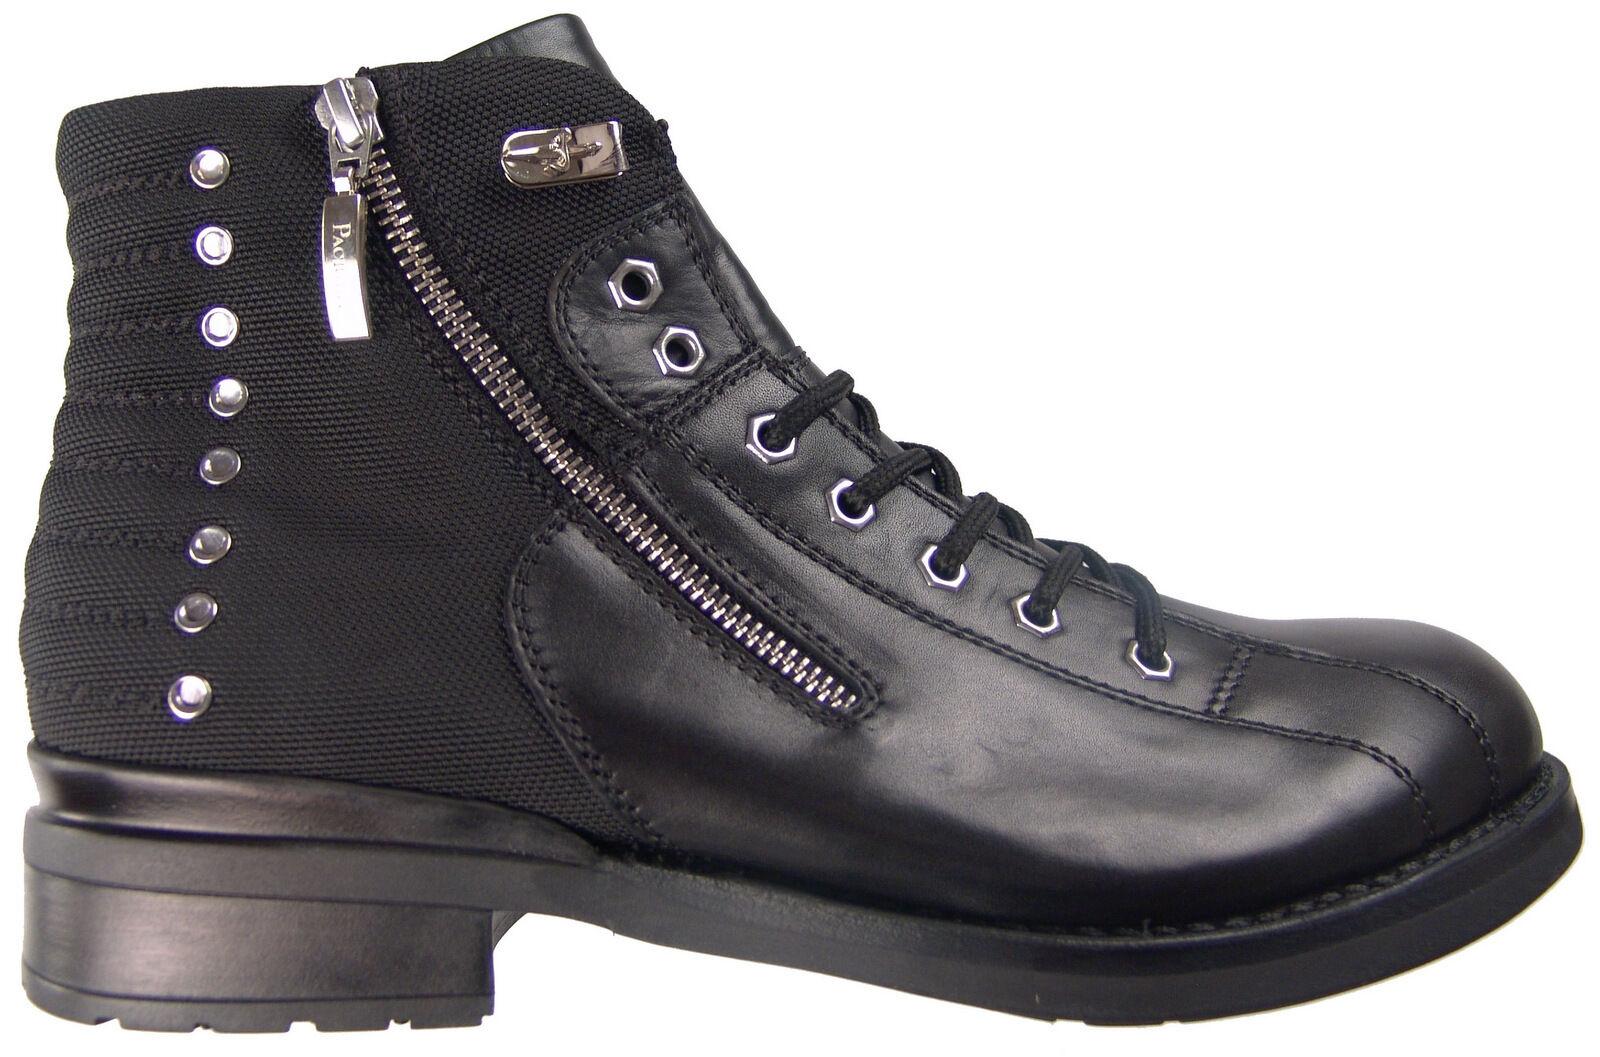 850 Cesare Paciotti US 10 Ankle stivali Italian Designer Biker Combat scarpe